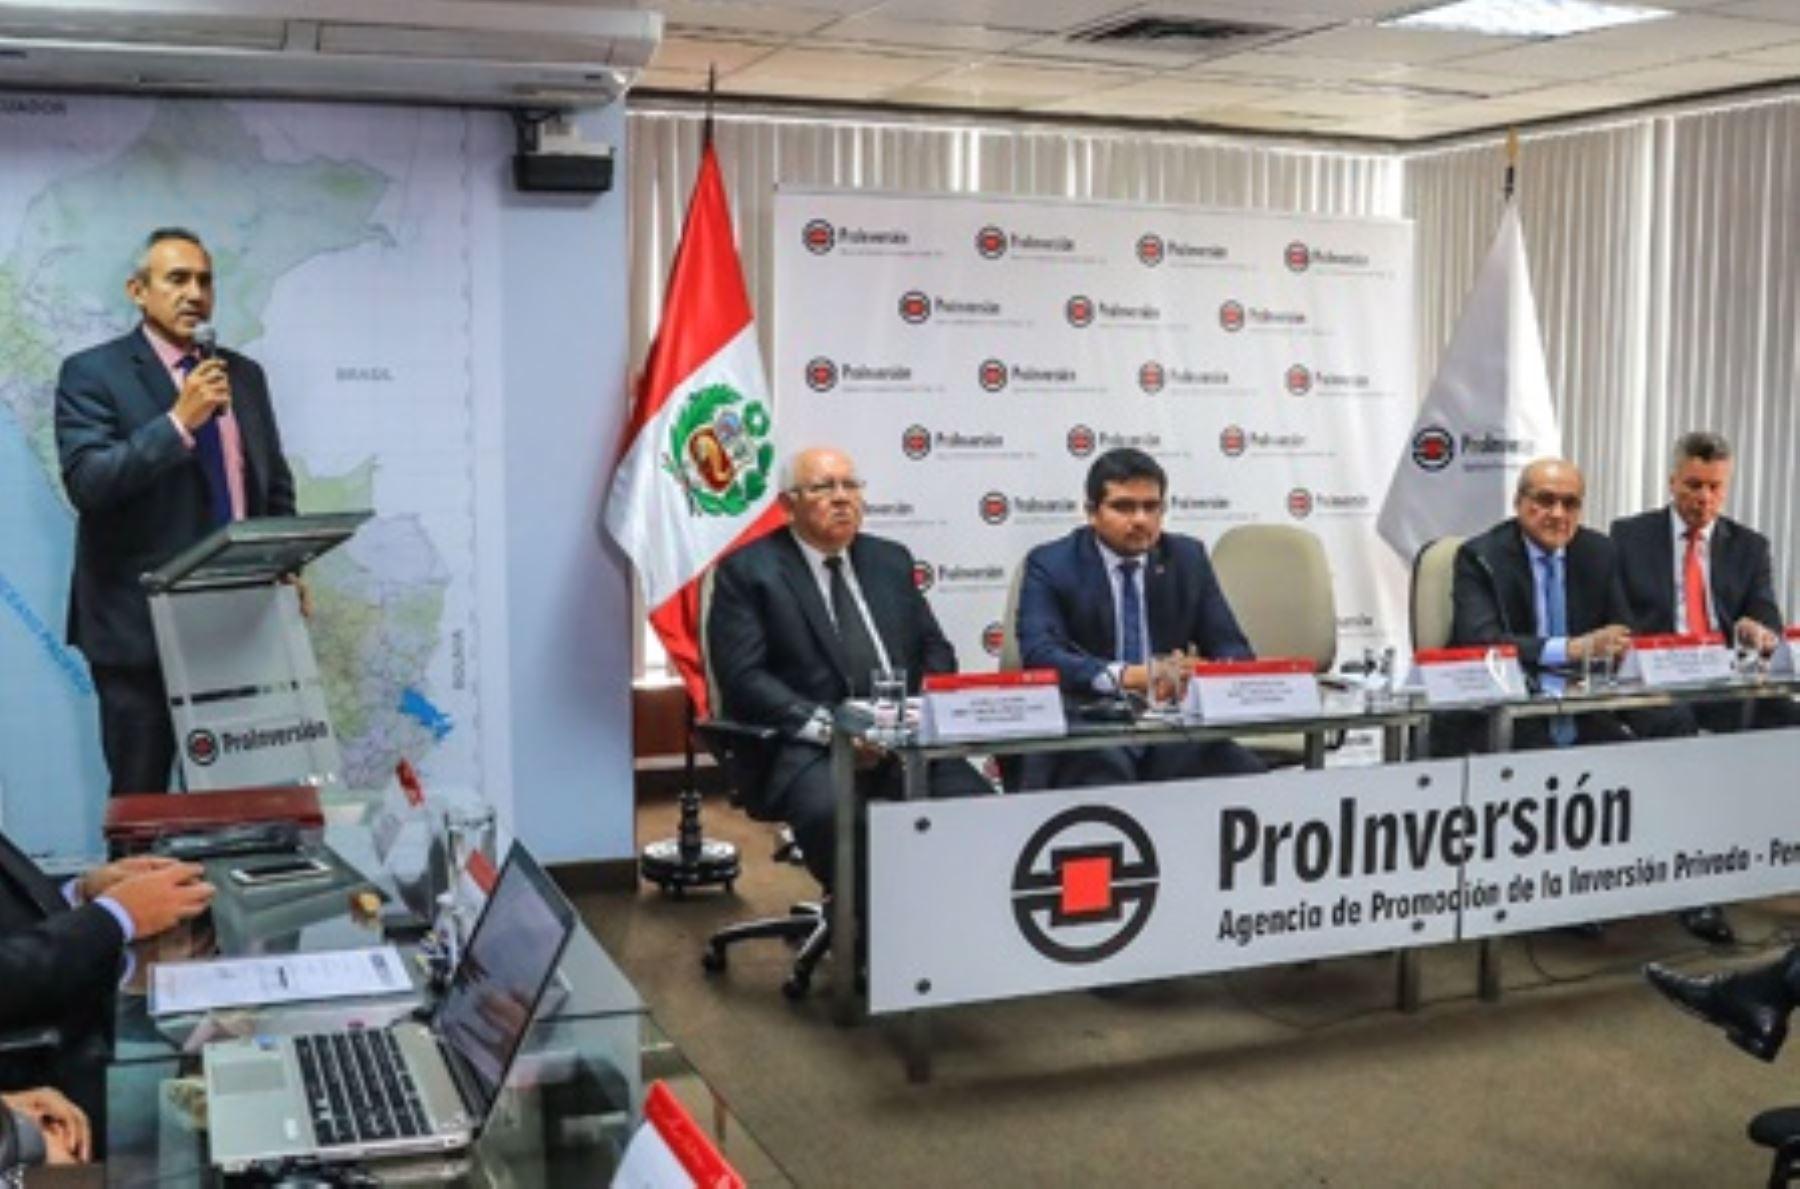 Viceministro de Transportes, Carlos Estremadoyro. Foto: Cortesía.